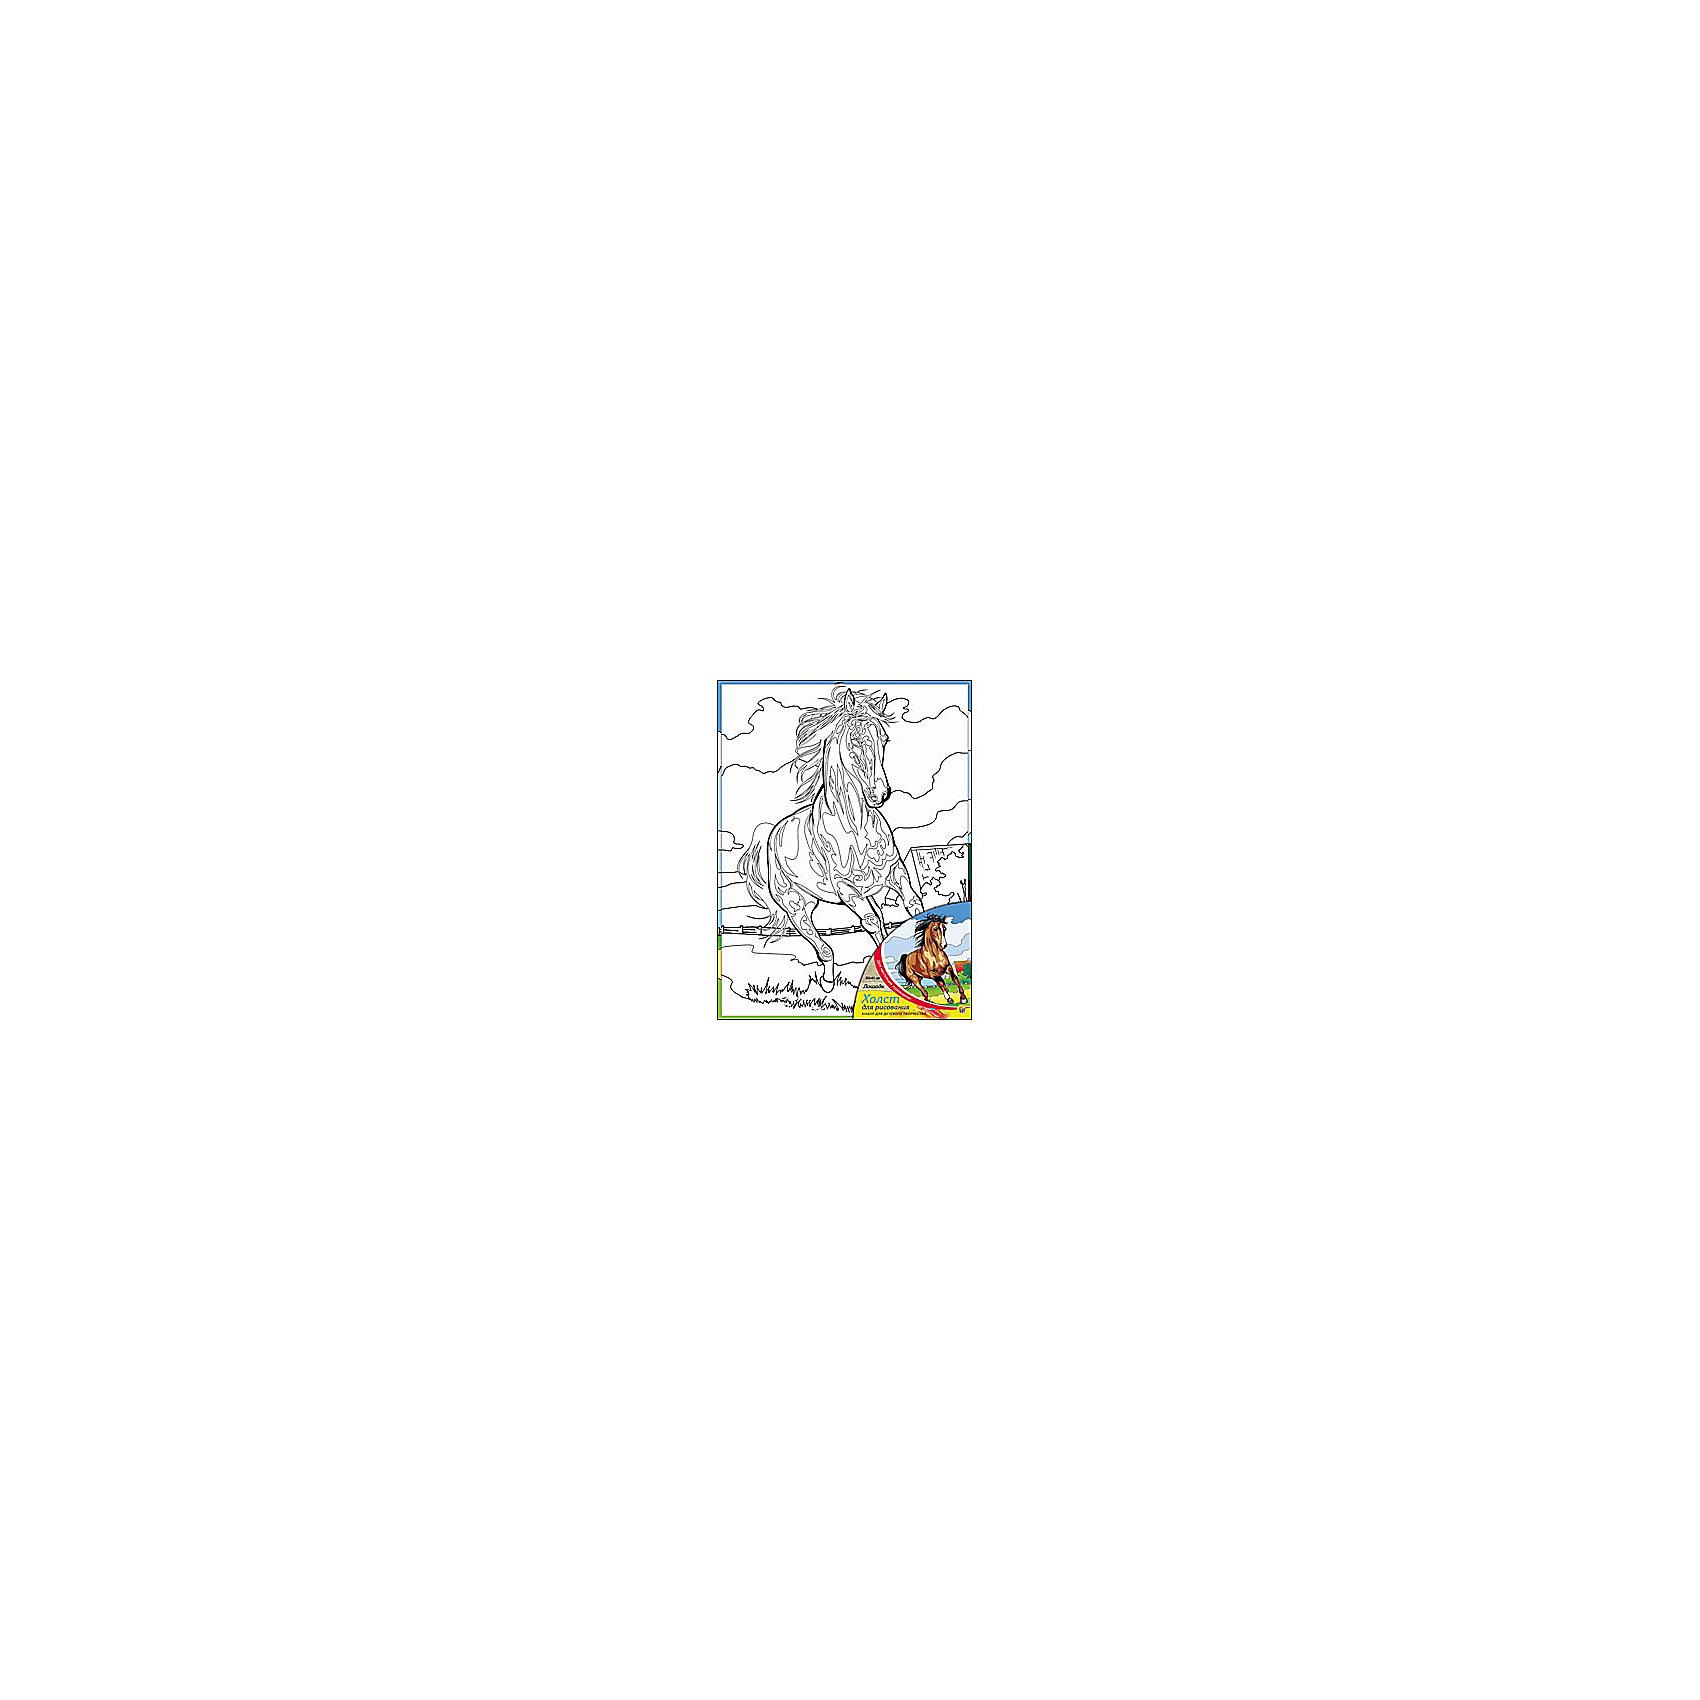 Холст с красками Лошадь 30х40 смзамечательные наборы для создания уникального шедевра изобразительного искусства. Создание картин на специально подготовленной рабочей поверхности – это уникальная техника, позволяющая делать Ваши шедевры более яркими и реалистичными. Просто нанесите мазки на уже готовый эскиз и оживите картину! Готовые изделия могут стать украшением интерьера или прекрасным подарком близким и друзьям.<br><br>Ширина мм: 300<br>Глубина мм: 400<br>Высота мм: 15<br>Вес г: 733<br>Возраст от месяцев: 36<br>Возраст до месяцев: 108<br>Пол: Унисекс<br>Возраст: Детский<br>SKU: 5096748